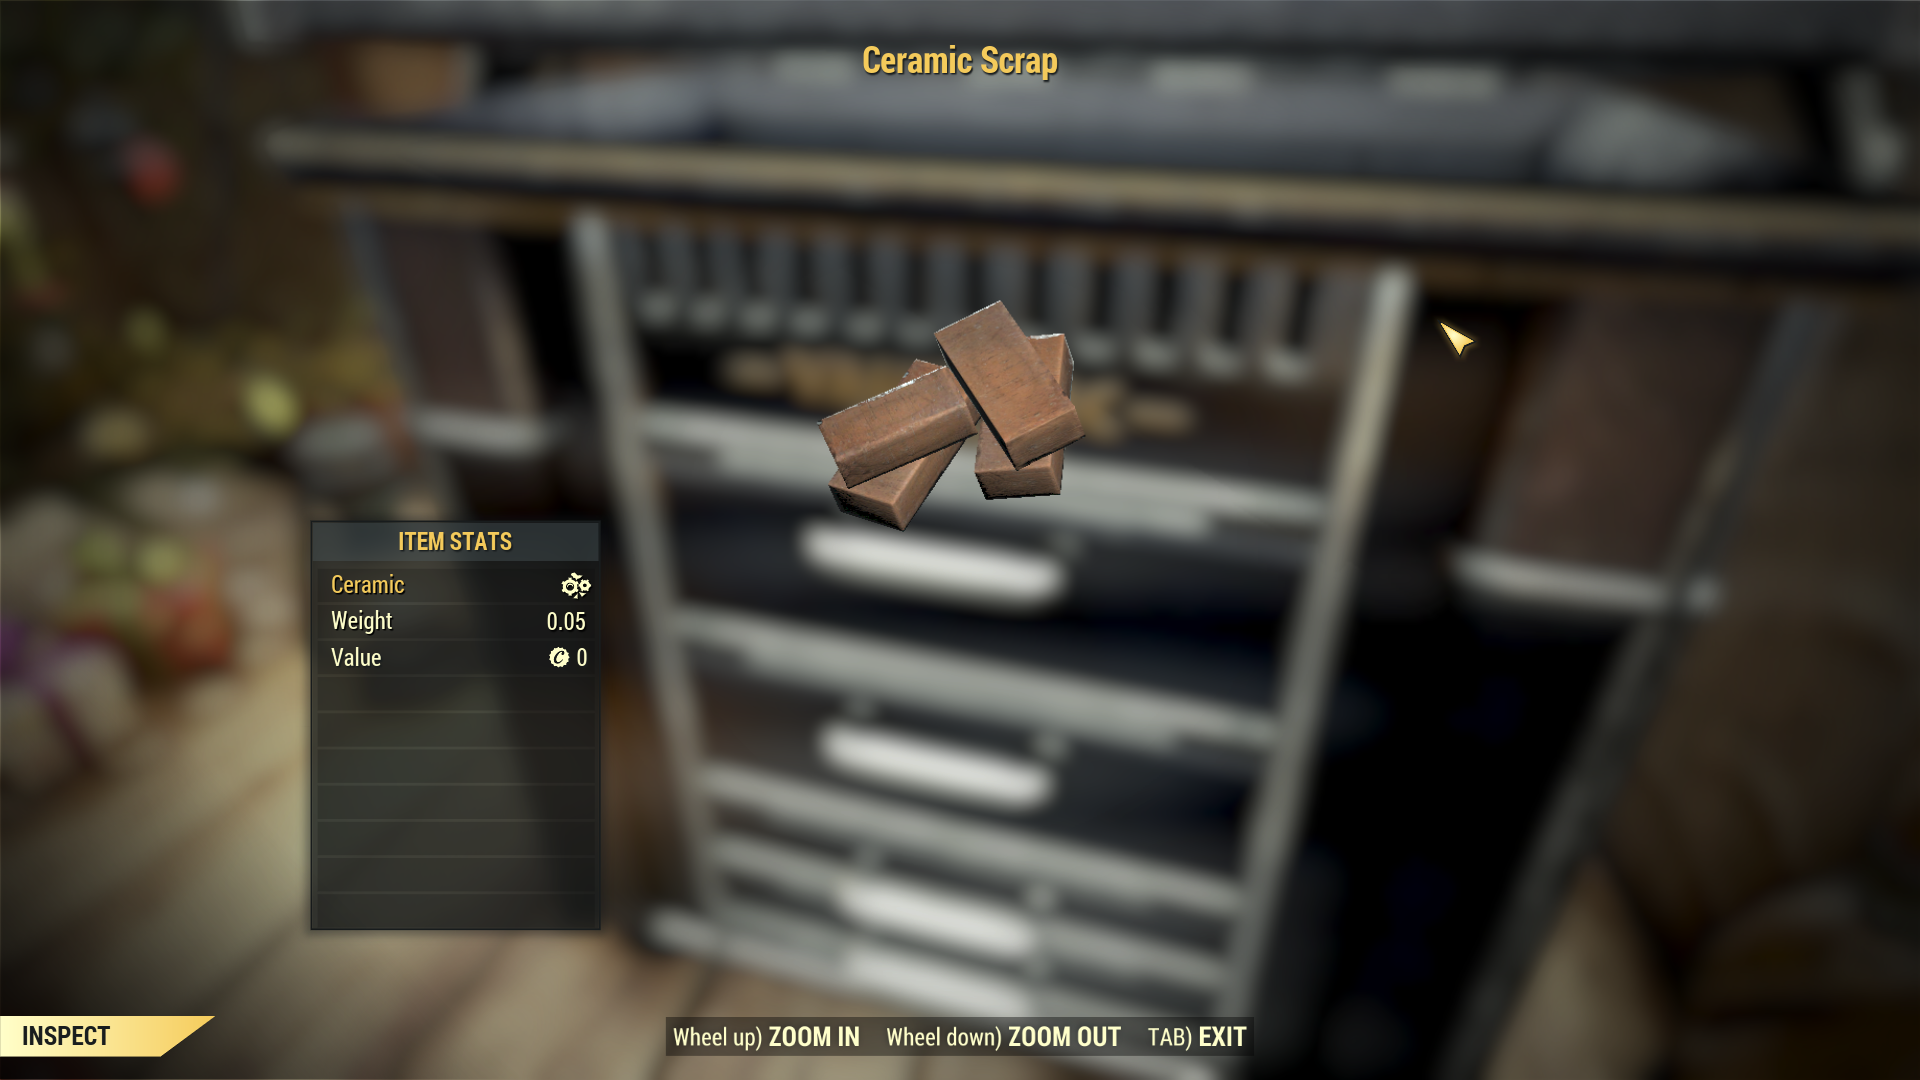 Ceramic Scrap x1000